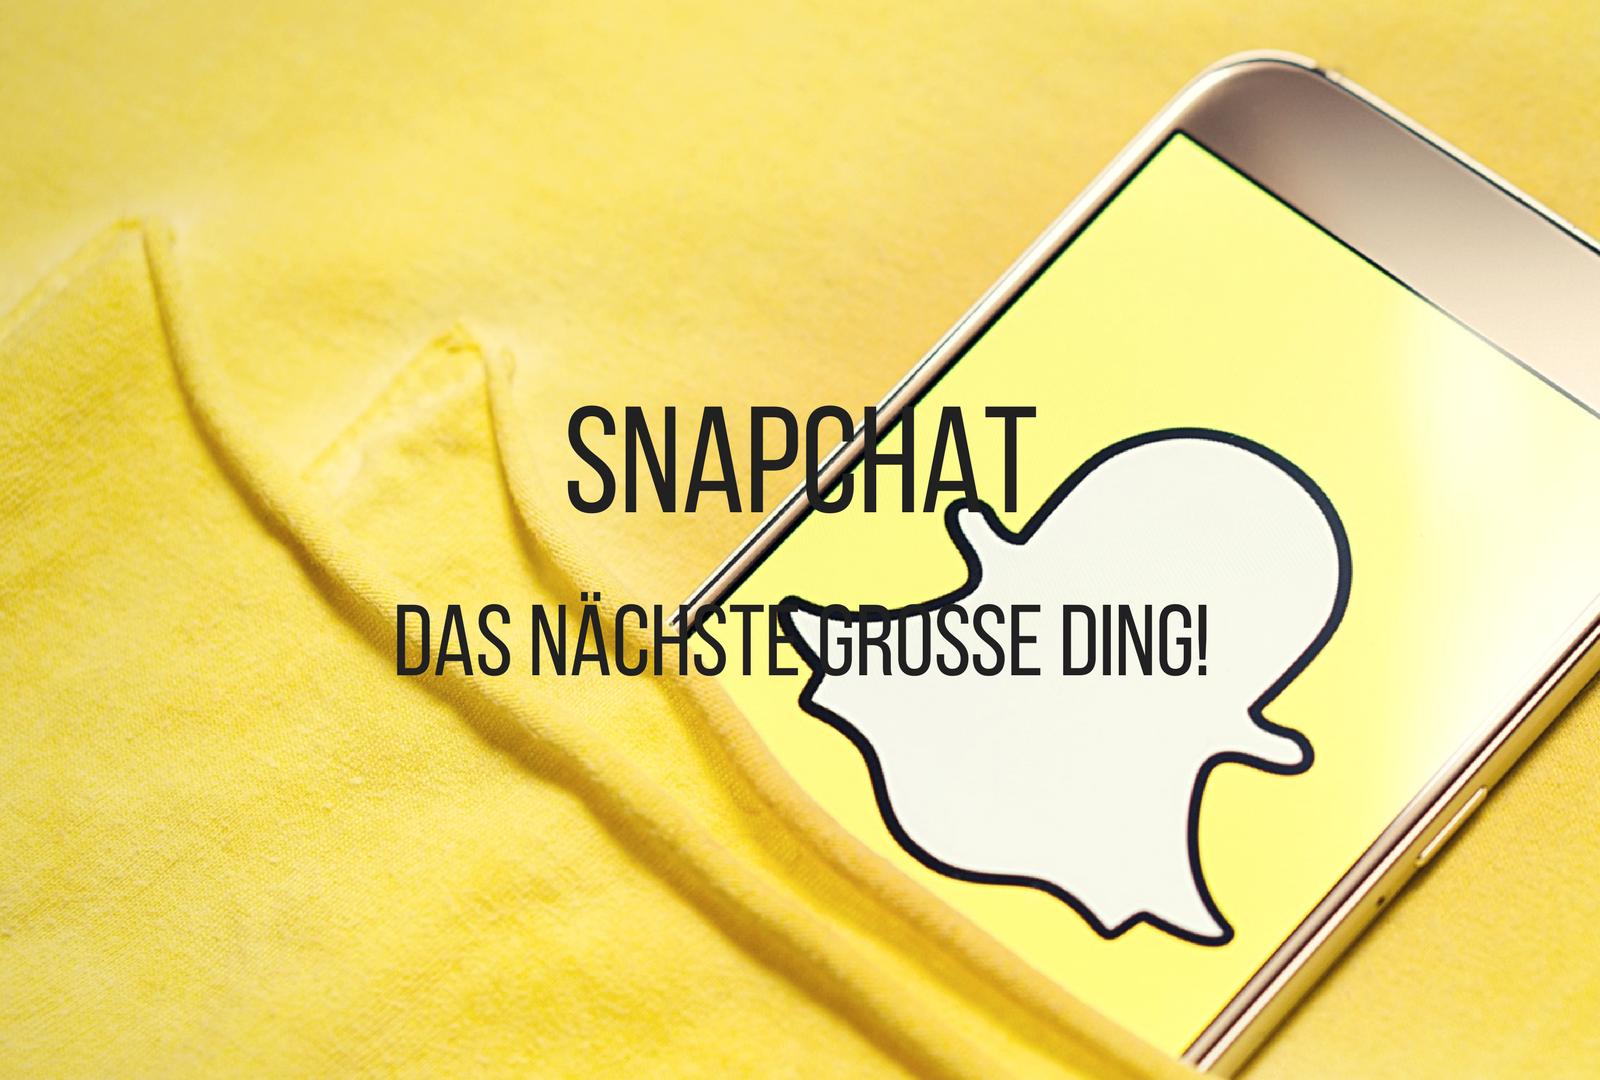 wie man Snapchat benutzt, um zu legen